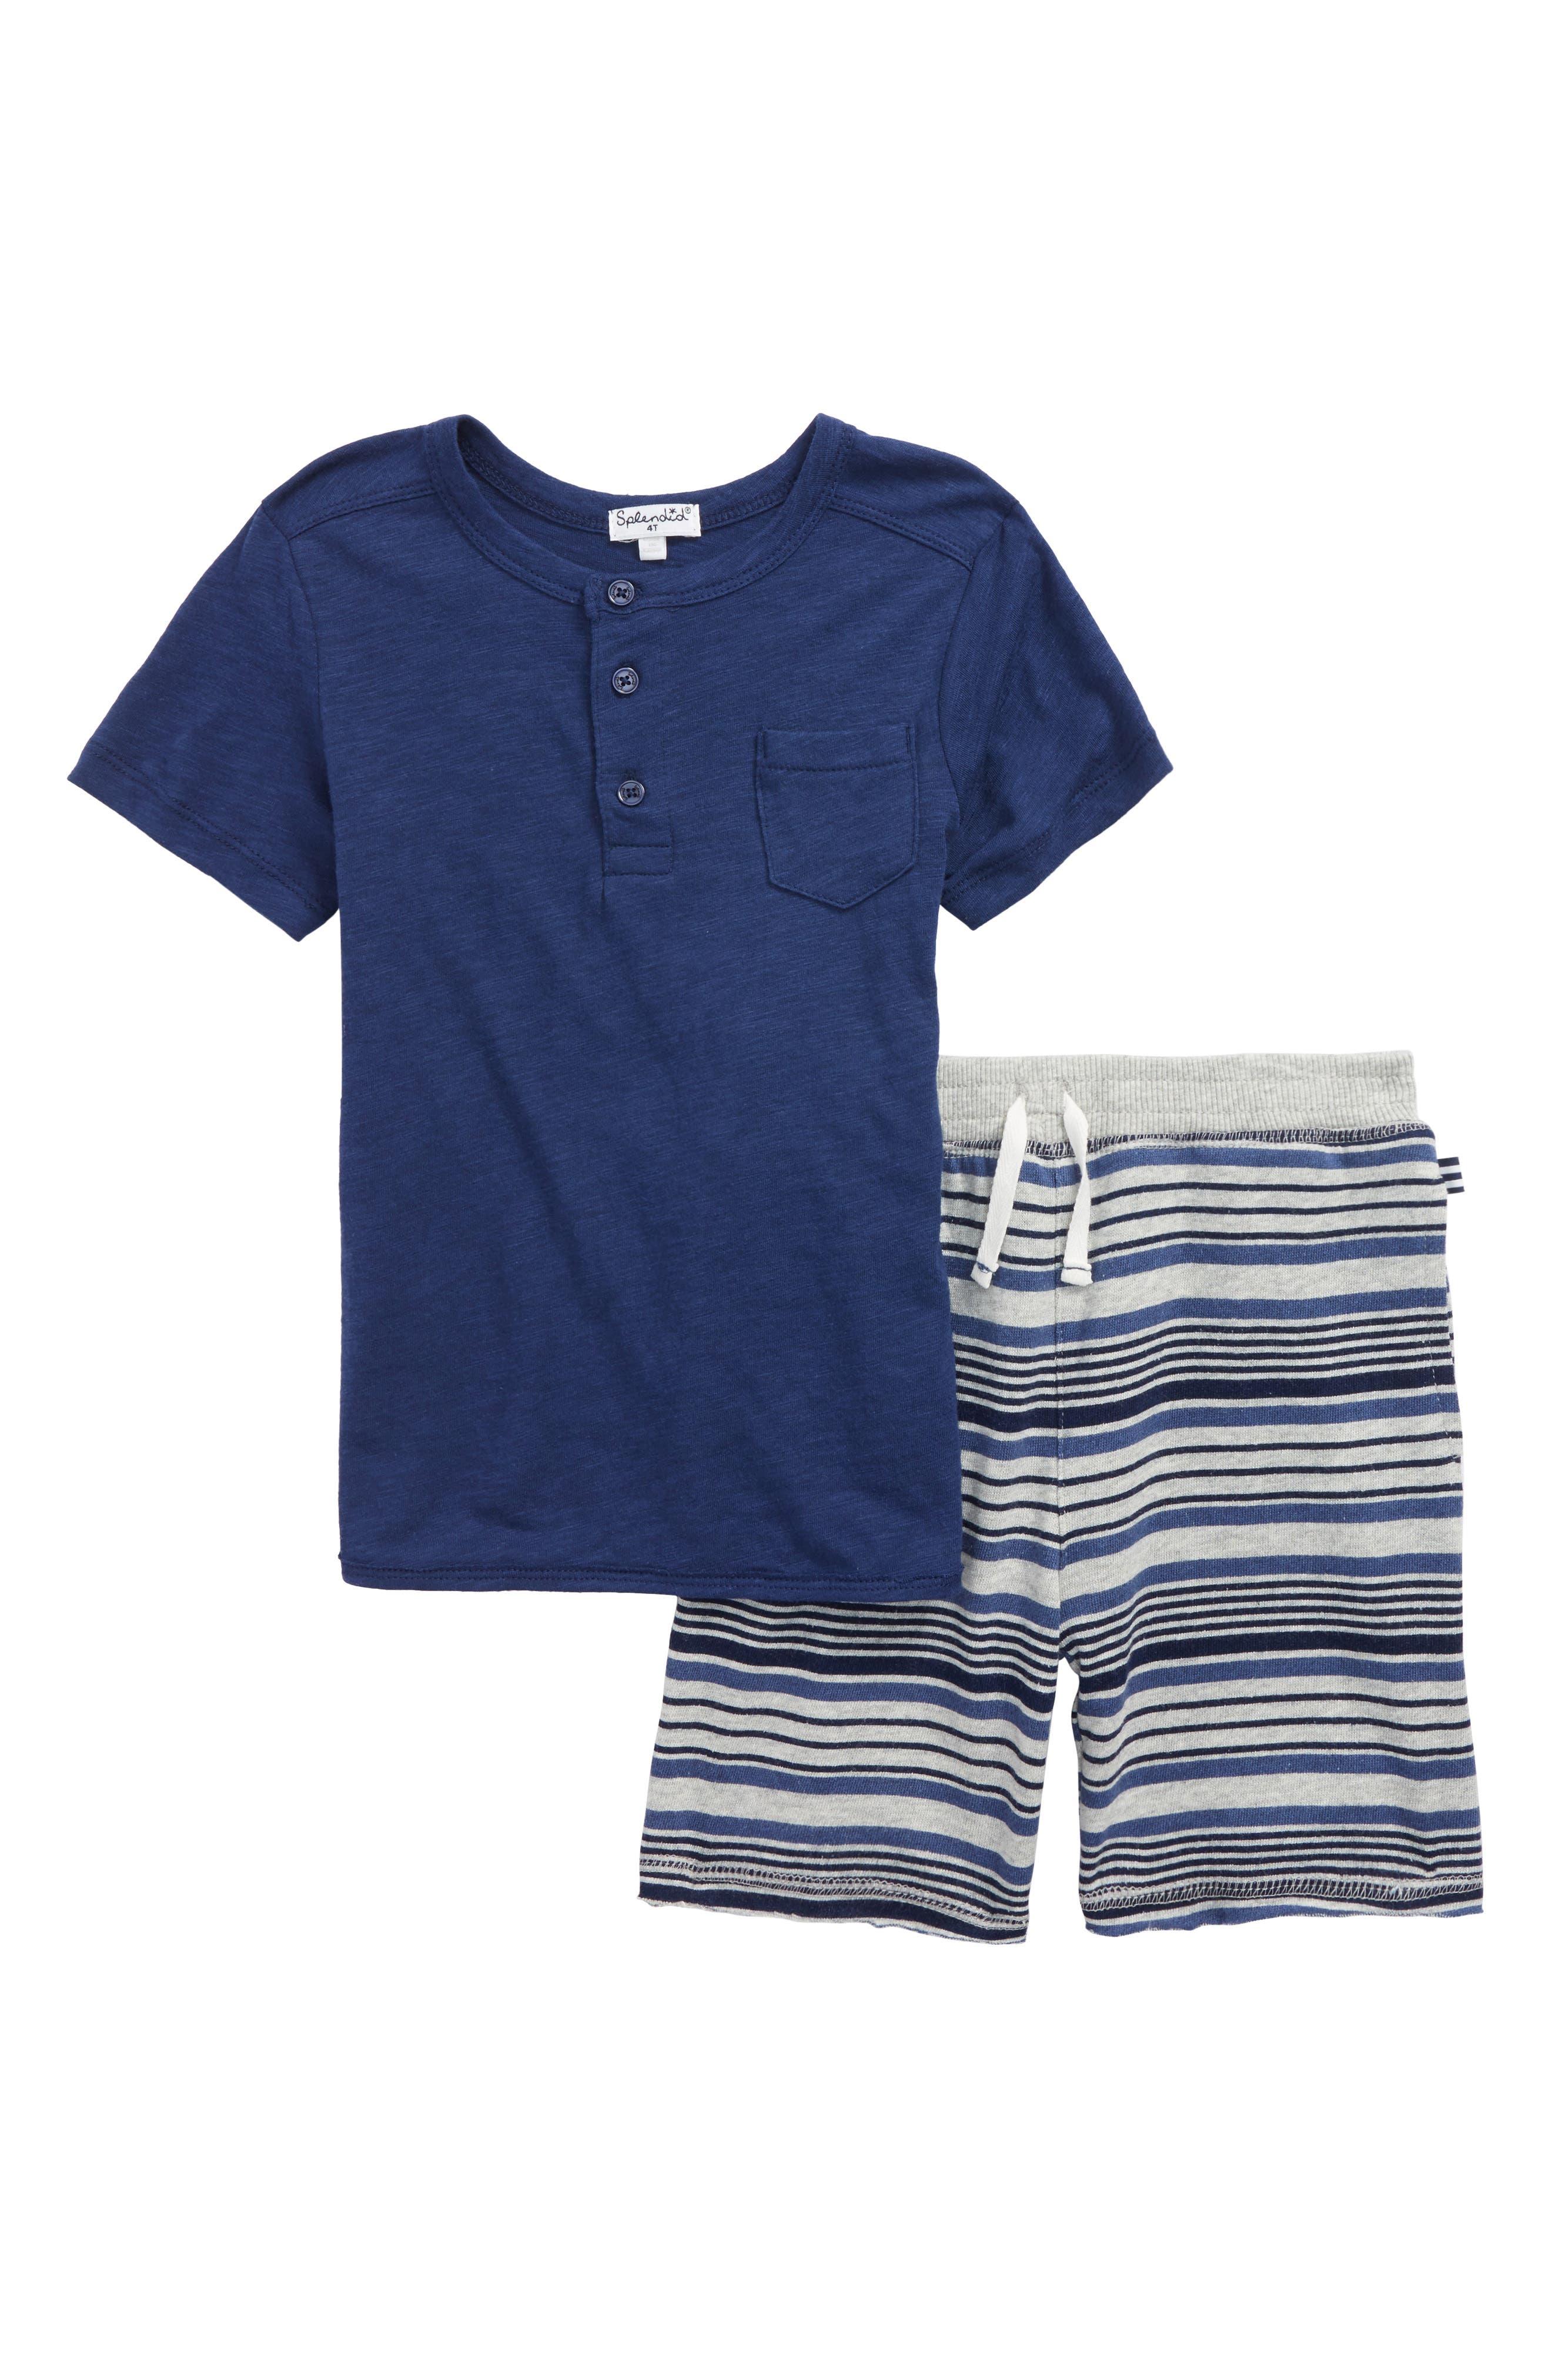 Henley Shirt & Knit Shorts Set,                             Main thumbnail 1, color,                             420